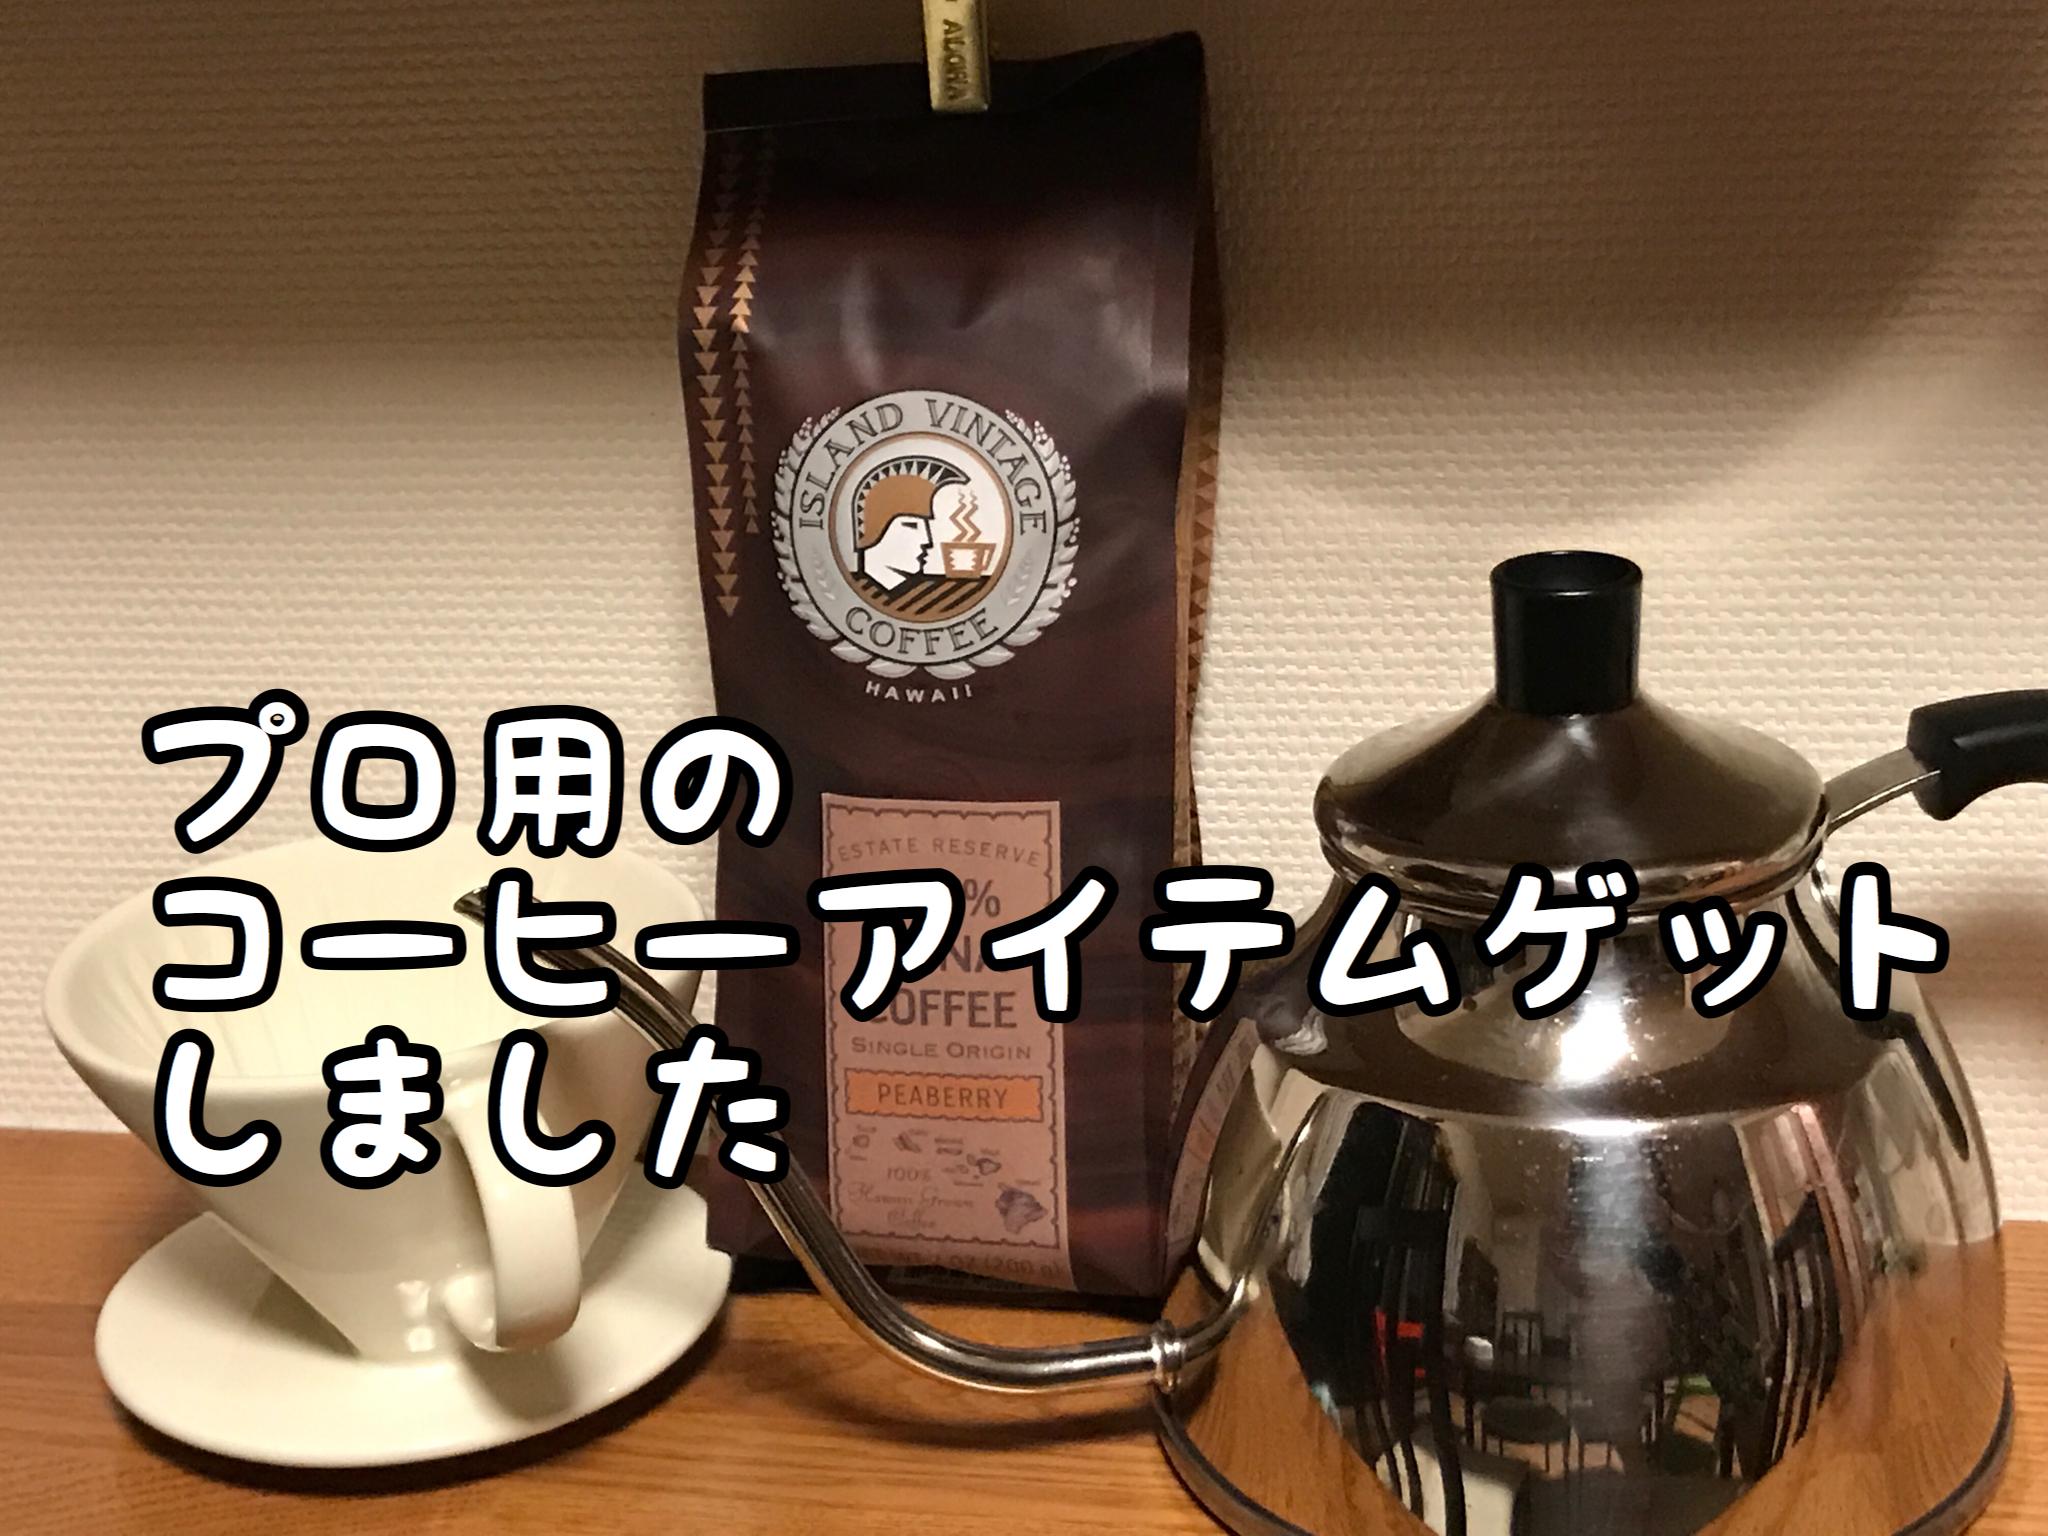 【こだわり】究極に美味しいコーヒーを求めてこんな物を買いました